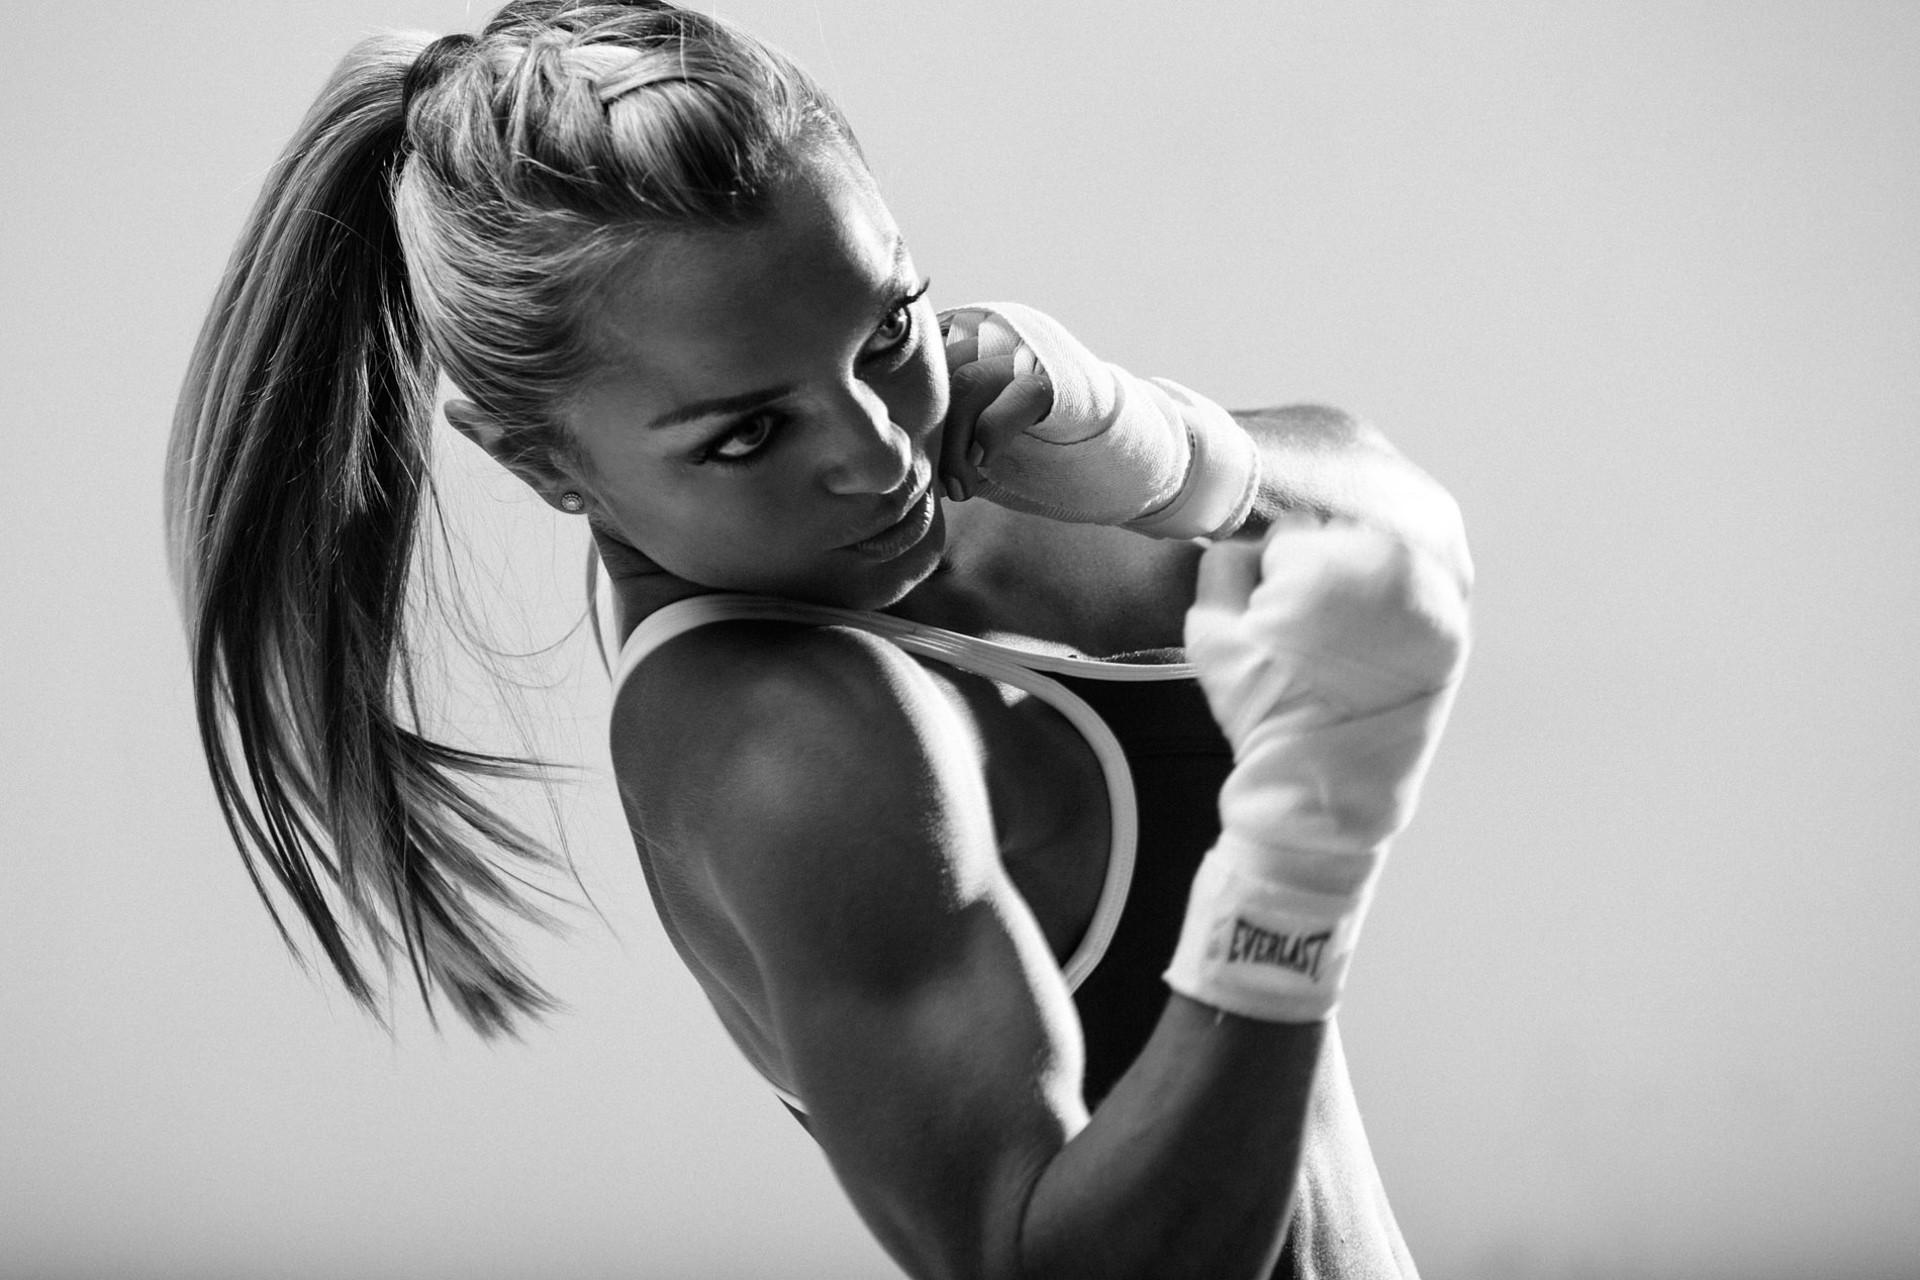 Boxing: Blonde, Black & White, Ponytail, Boxing